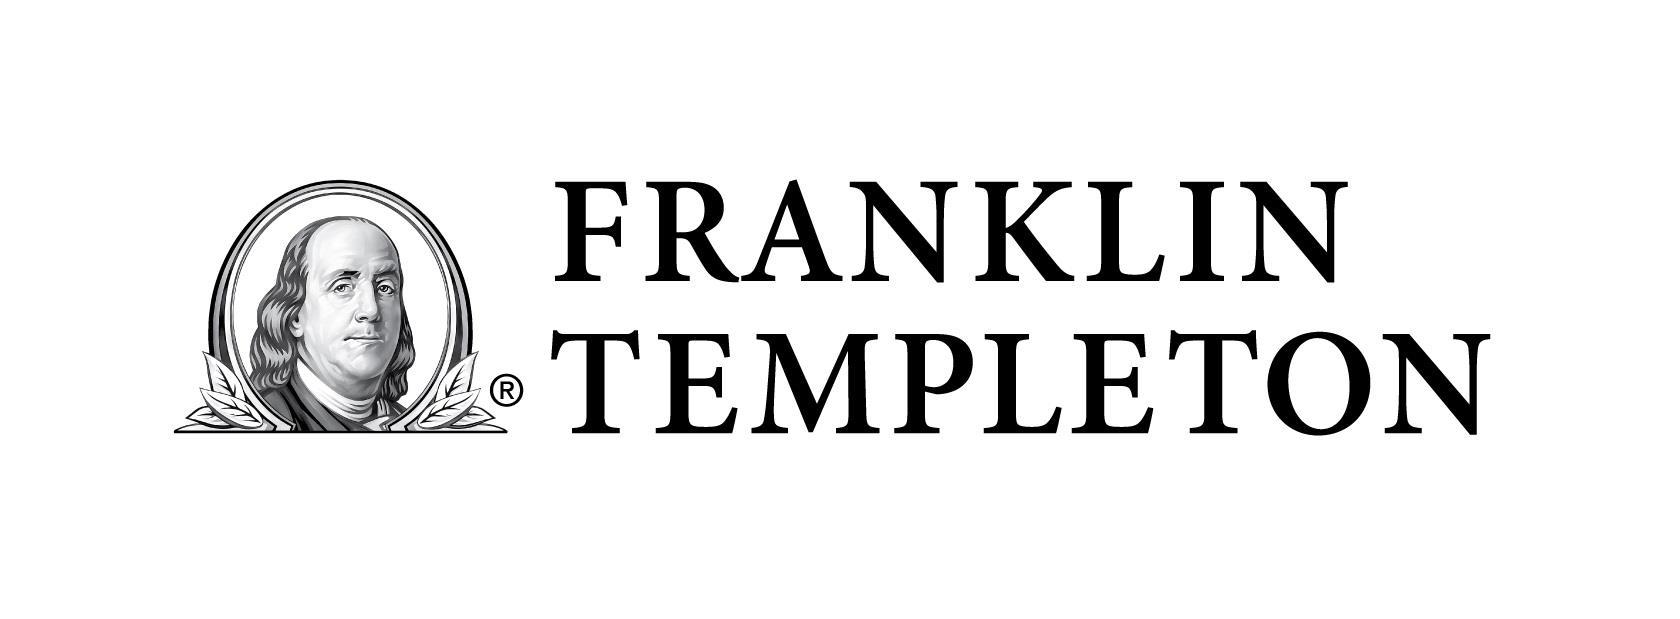 FRANKLIN TEMPLETON FRANCE